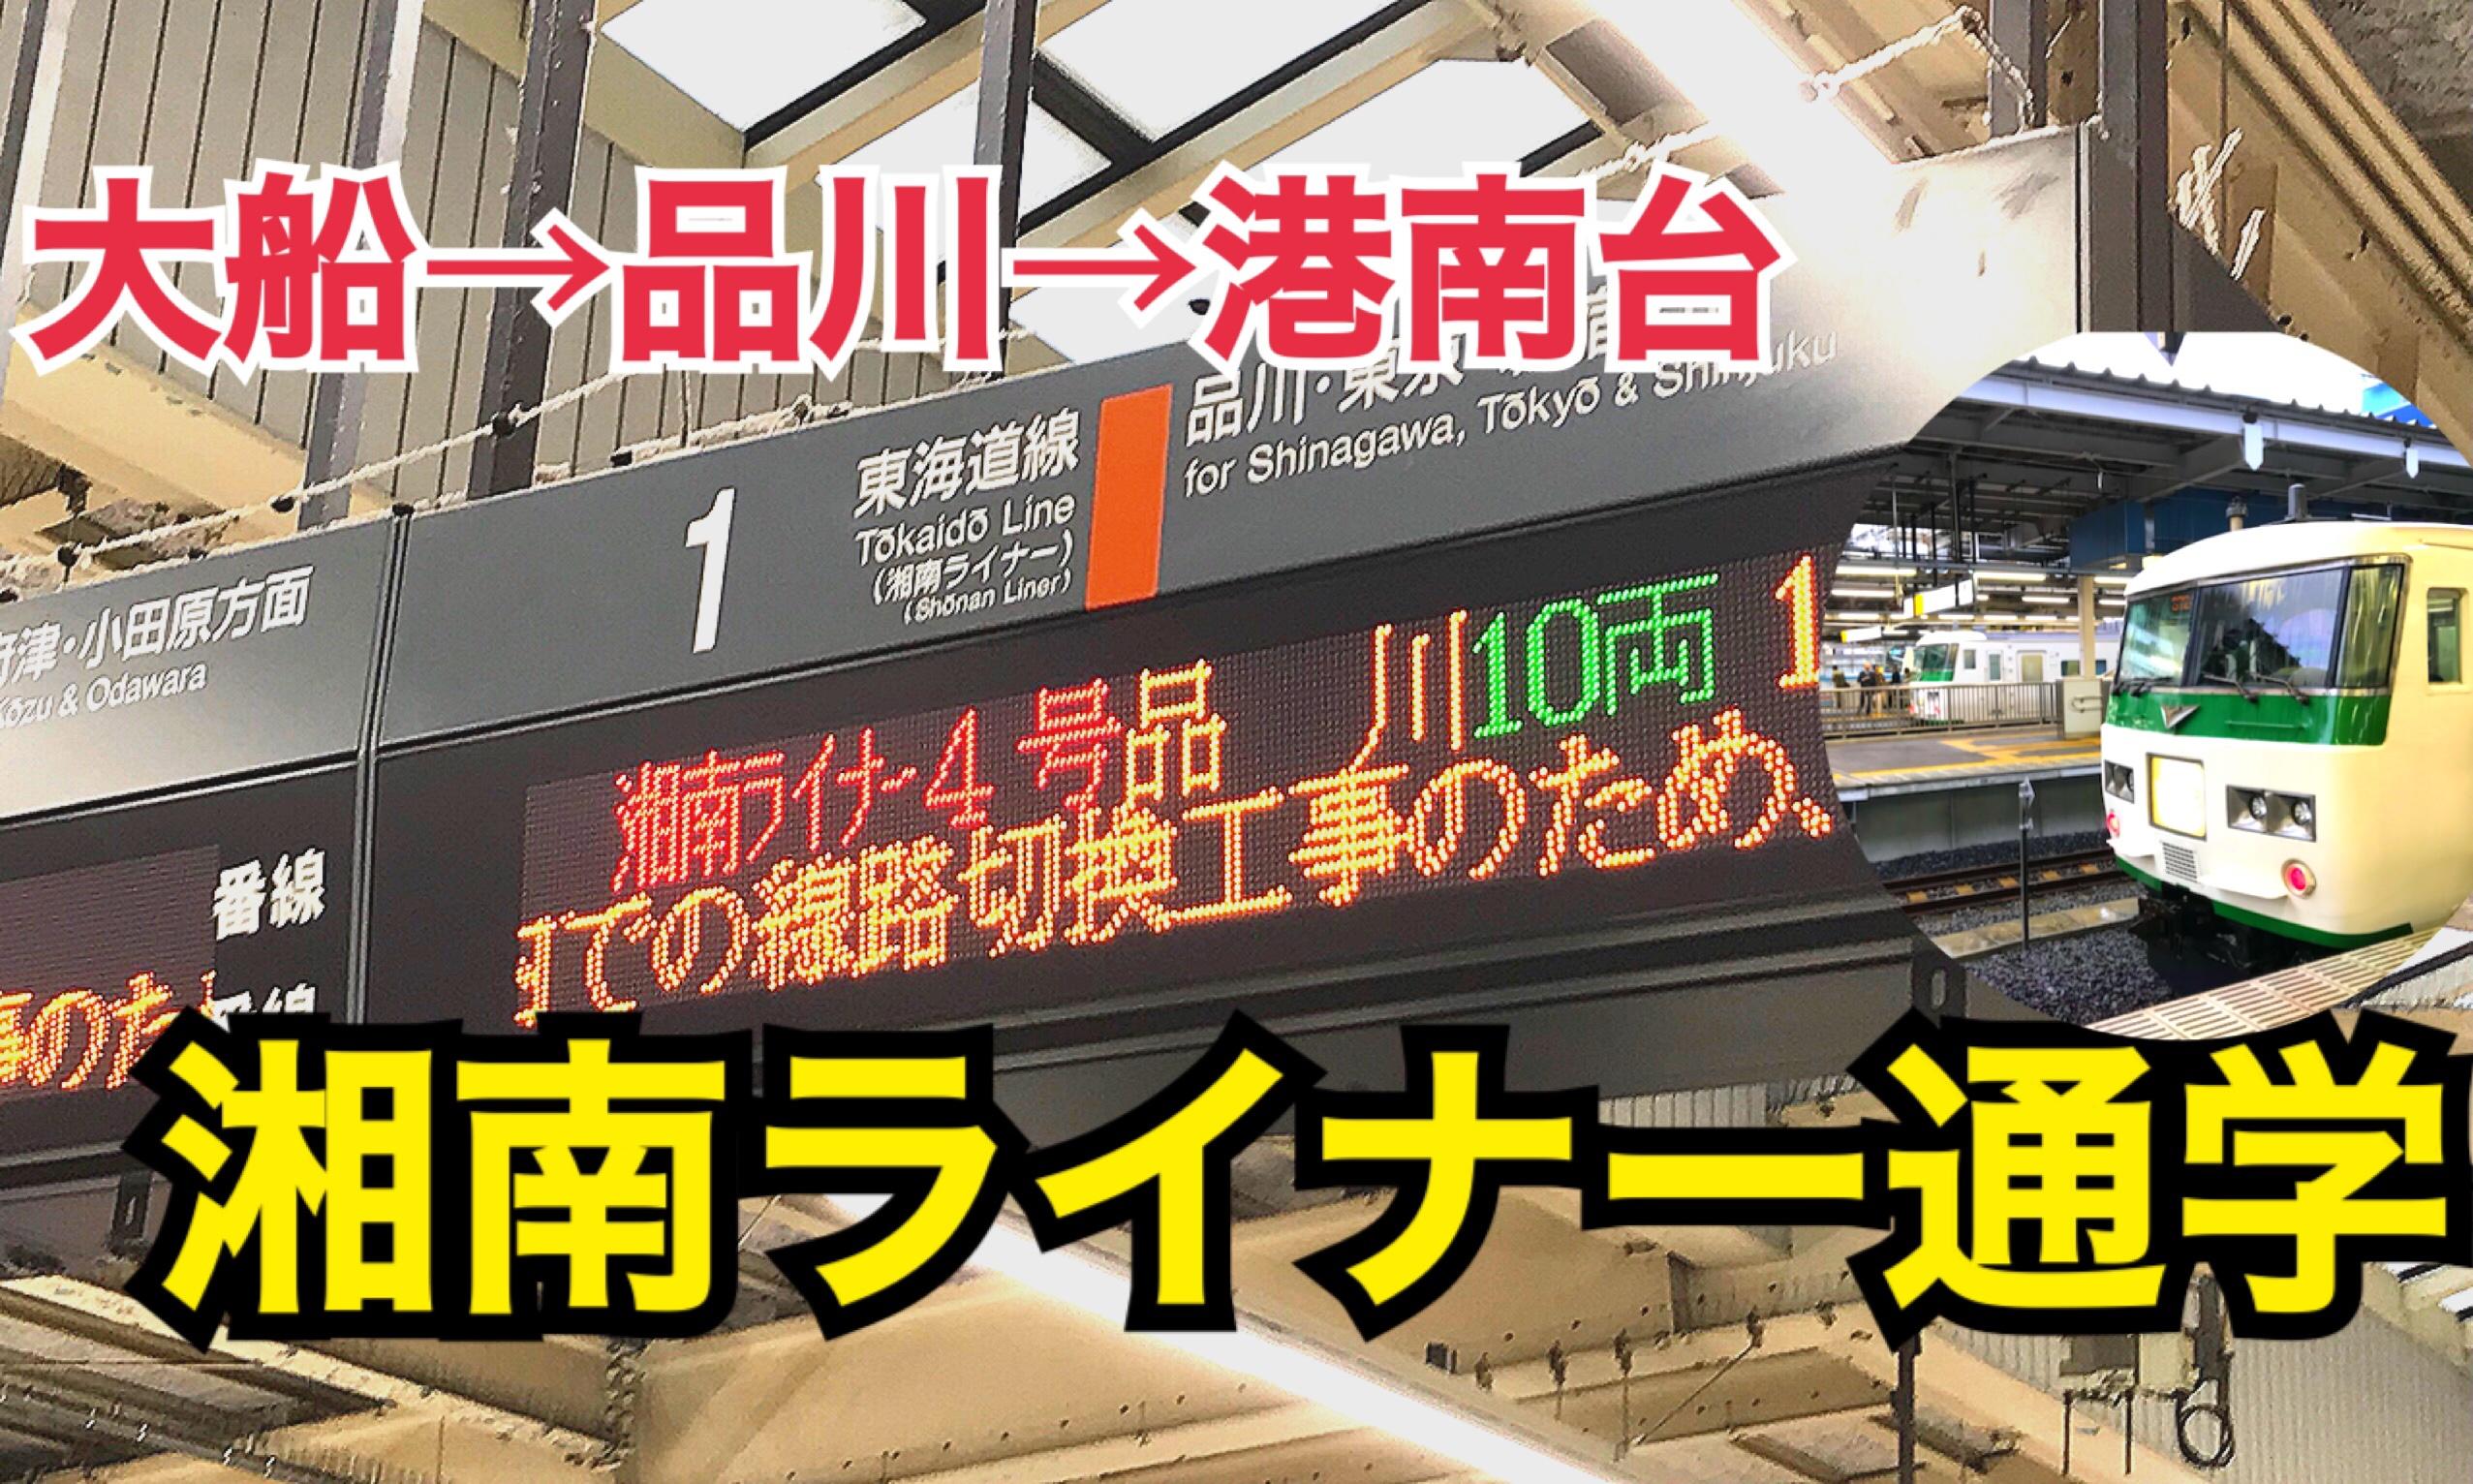 夢の湘南ライナー通学!通勤ラッシュ知らずの列車!【湘南ライナー】